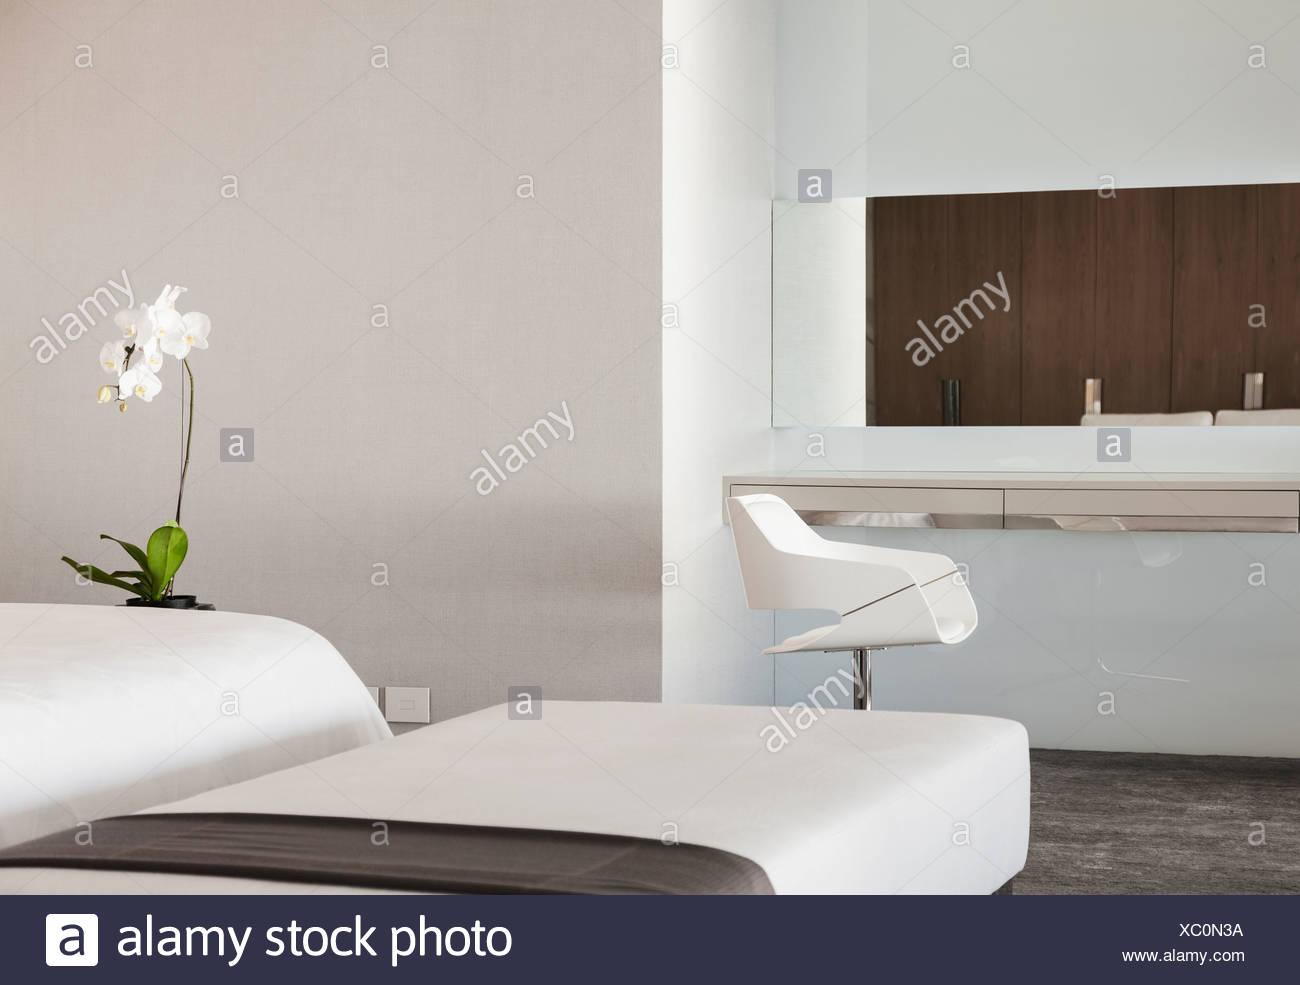 Hocker und Eitelkeit Tabelle in Luxus Schlafzimmer Stockfoto, Bild ...